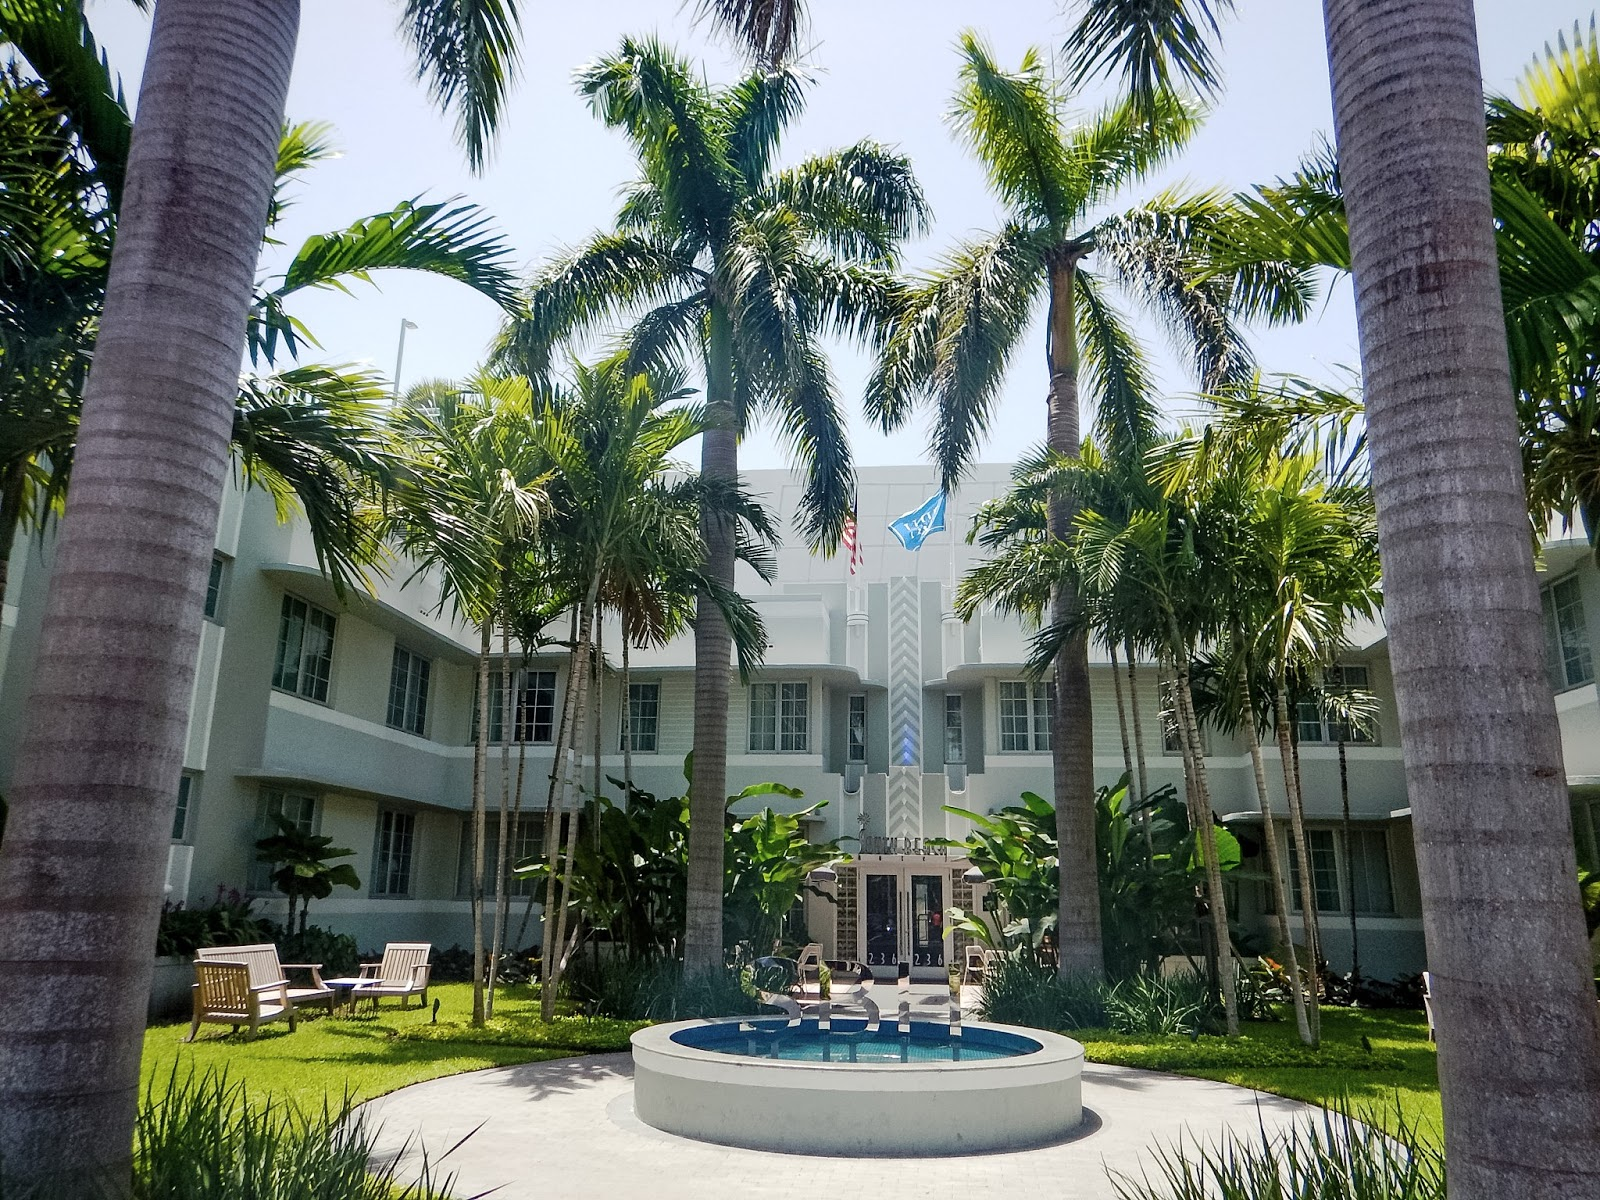 sbh hotel miami